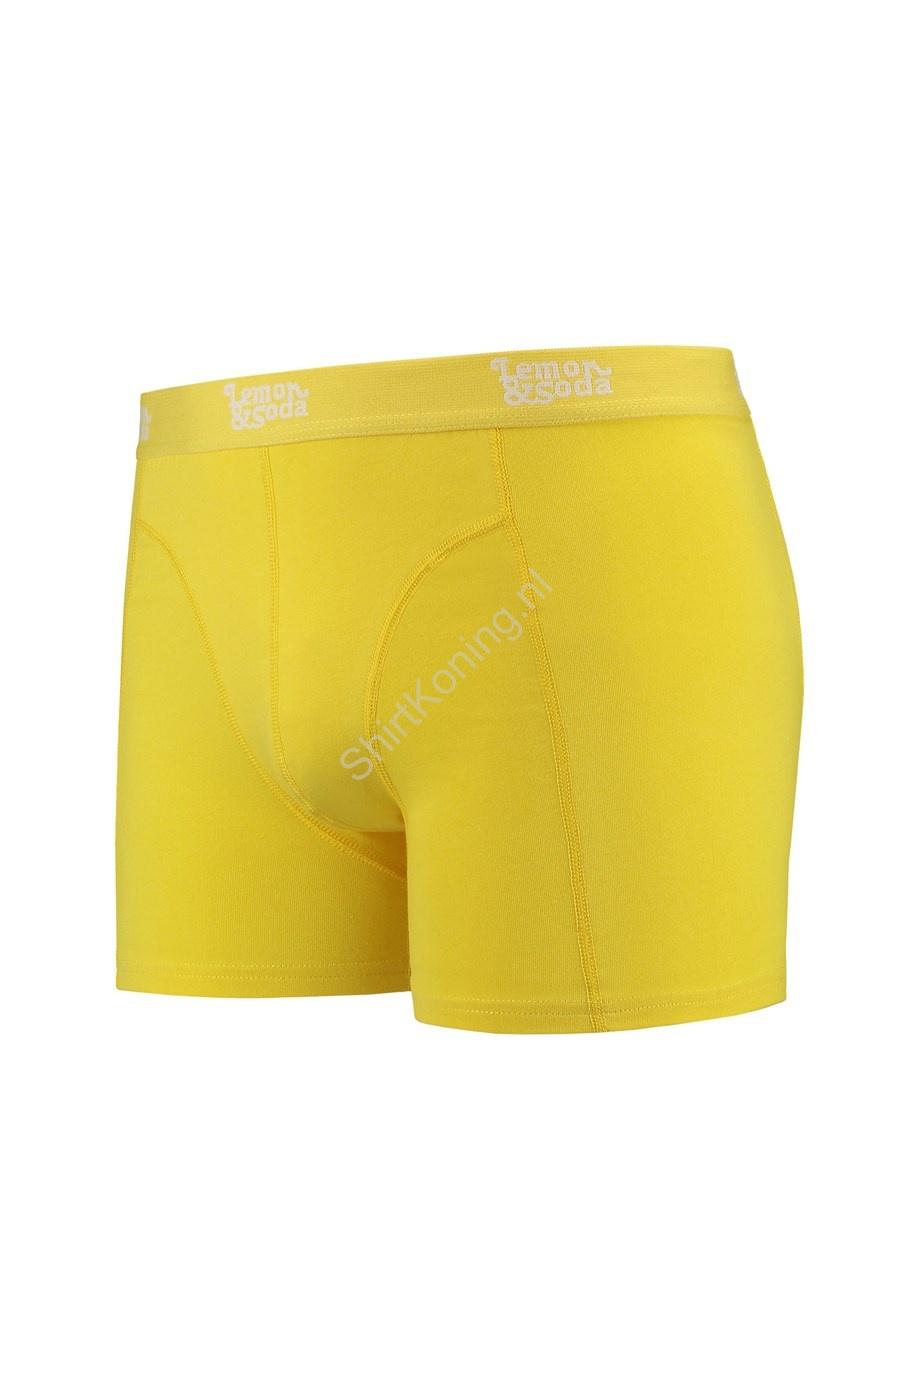 kleding-lemon&soda 1400